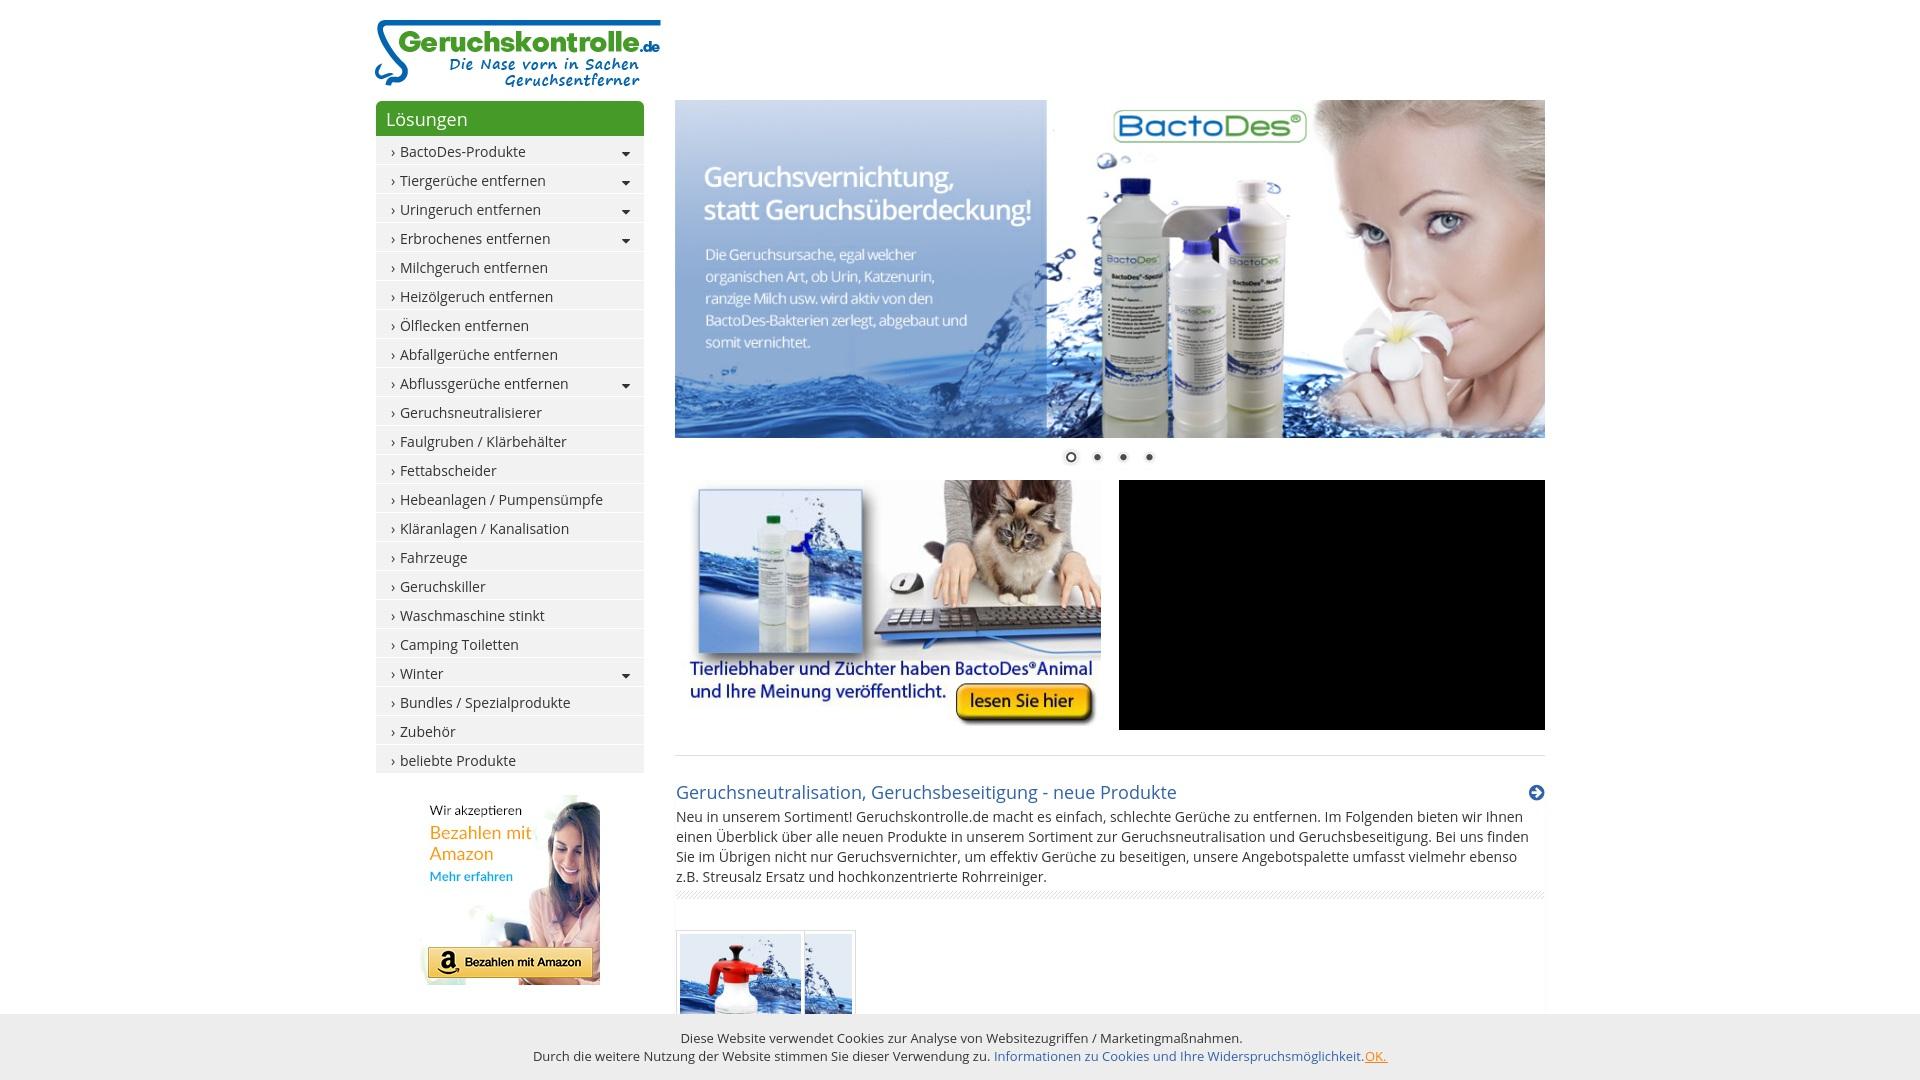 Gutschein für Geruchskontrolle: Rabatte für  Geruchskontrolle sichern